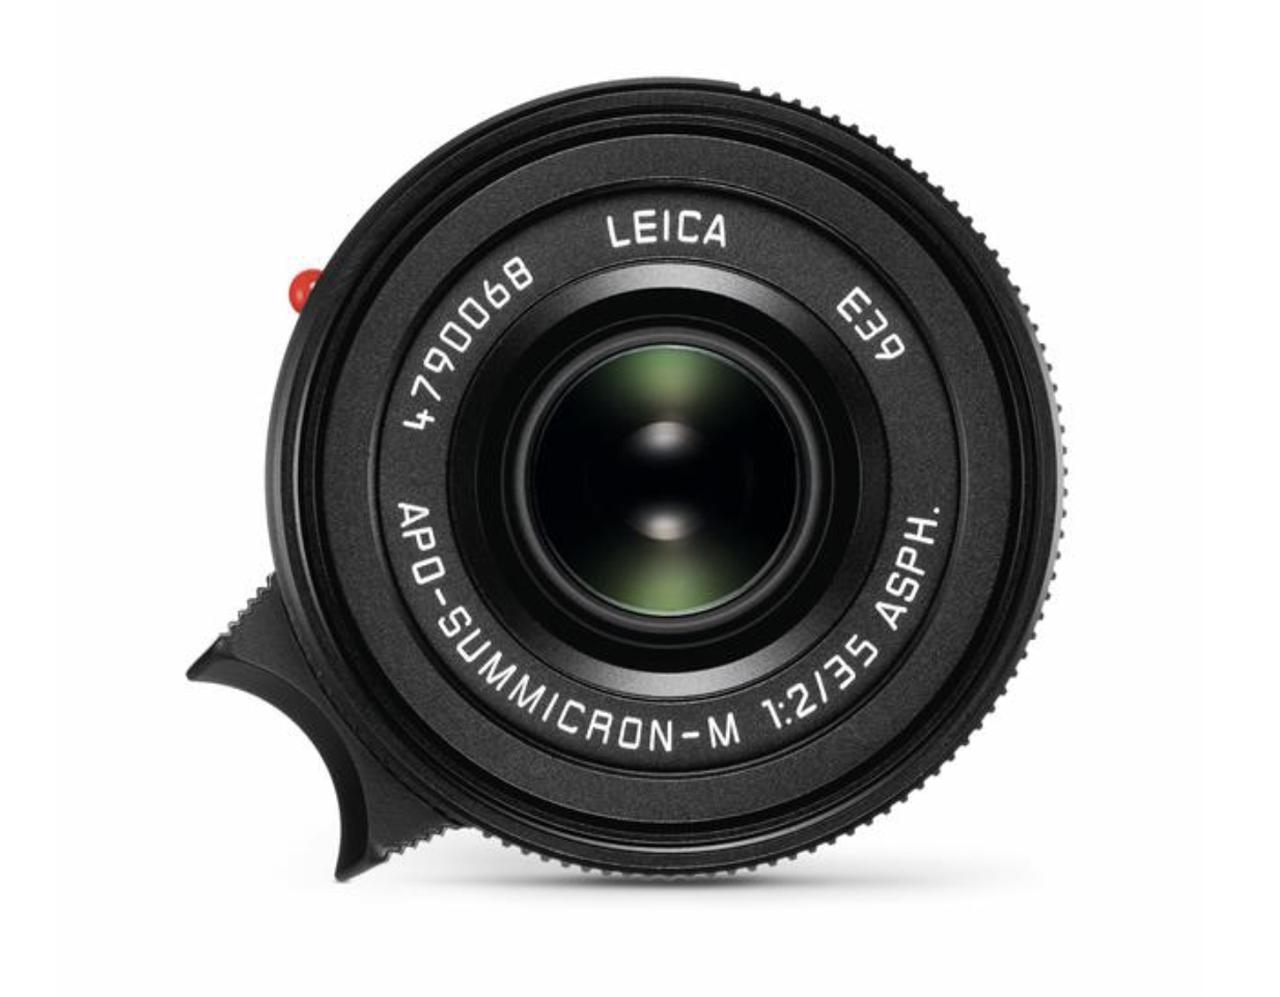 画像: ライカは「ライカ アポ・ズミクロンM f2/35mm ASPH.」を発売! - Webカメラマン